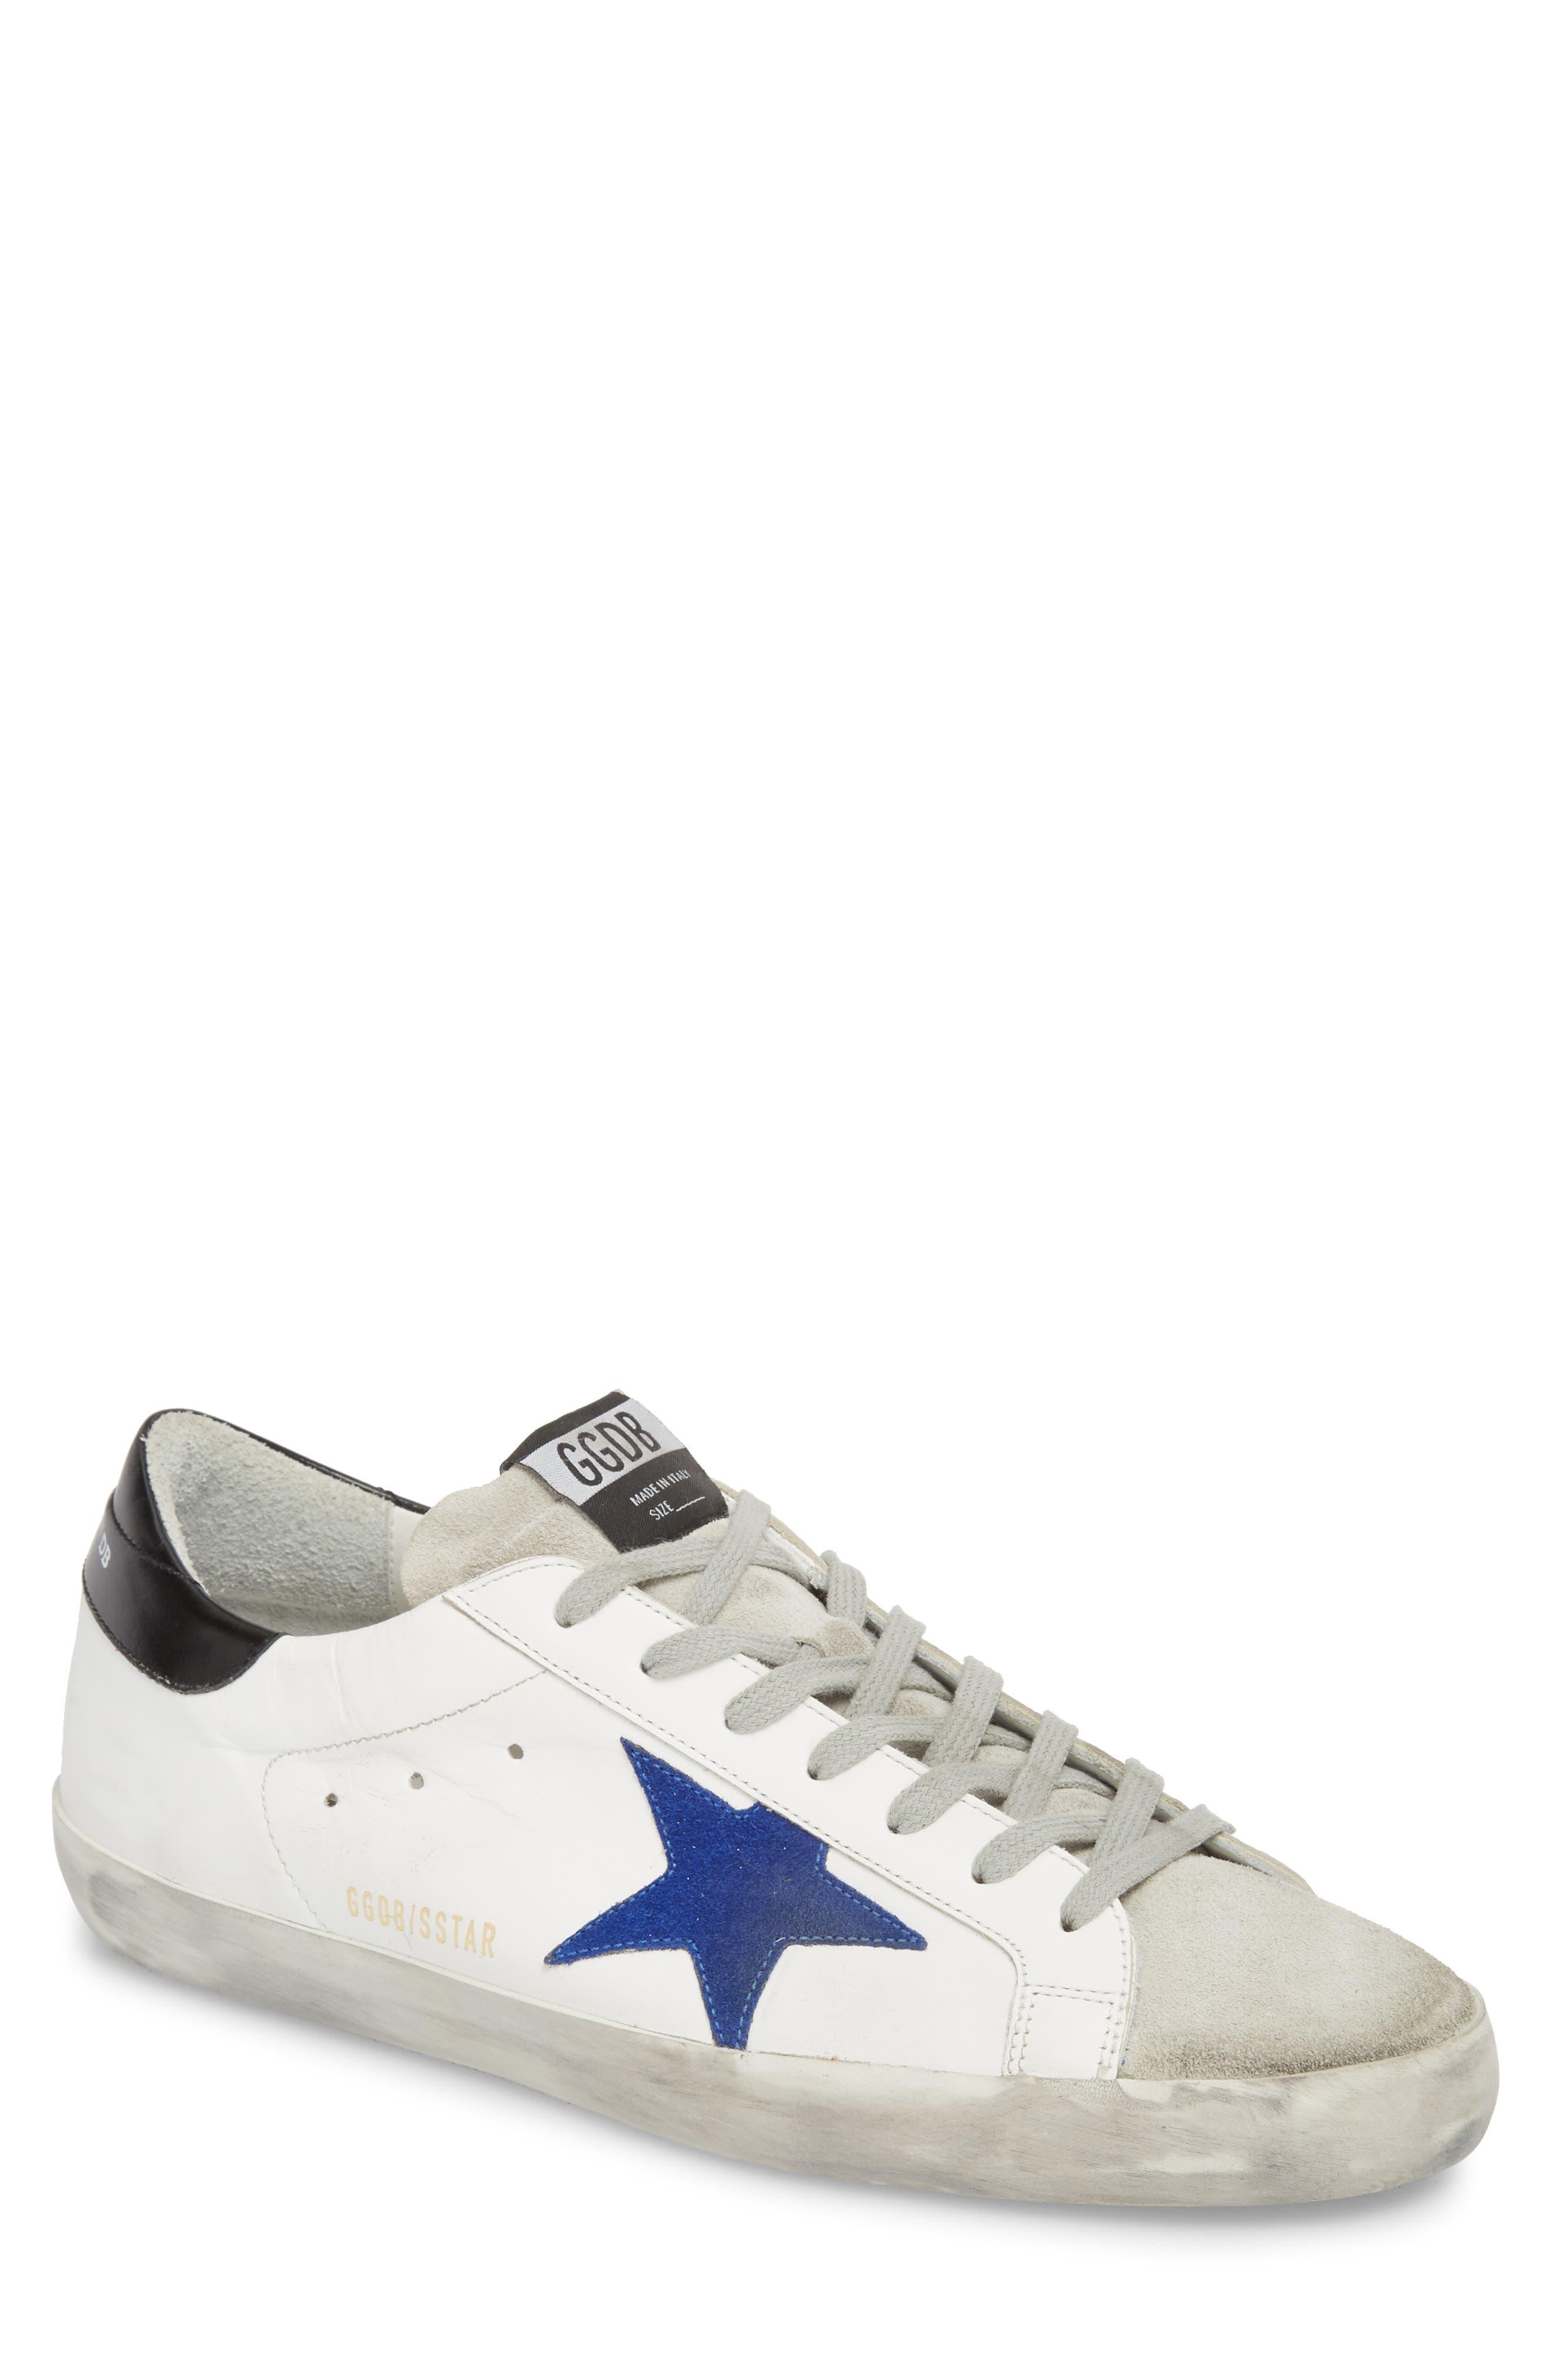 'Superstar' Sneaker,                             Main thumbnail 1, color,                             WHITE-BLUE-BLACK